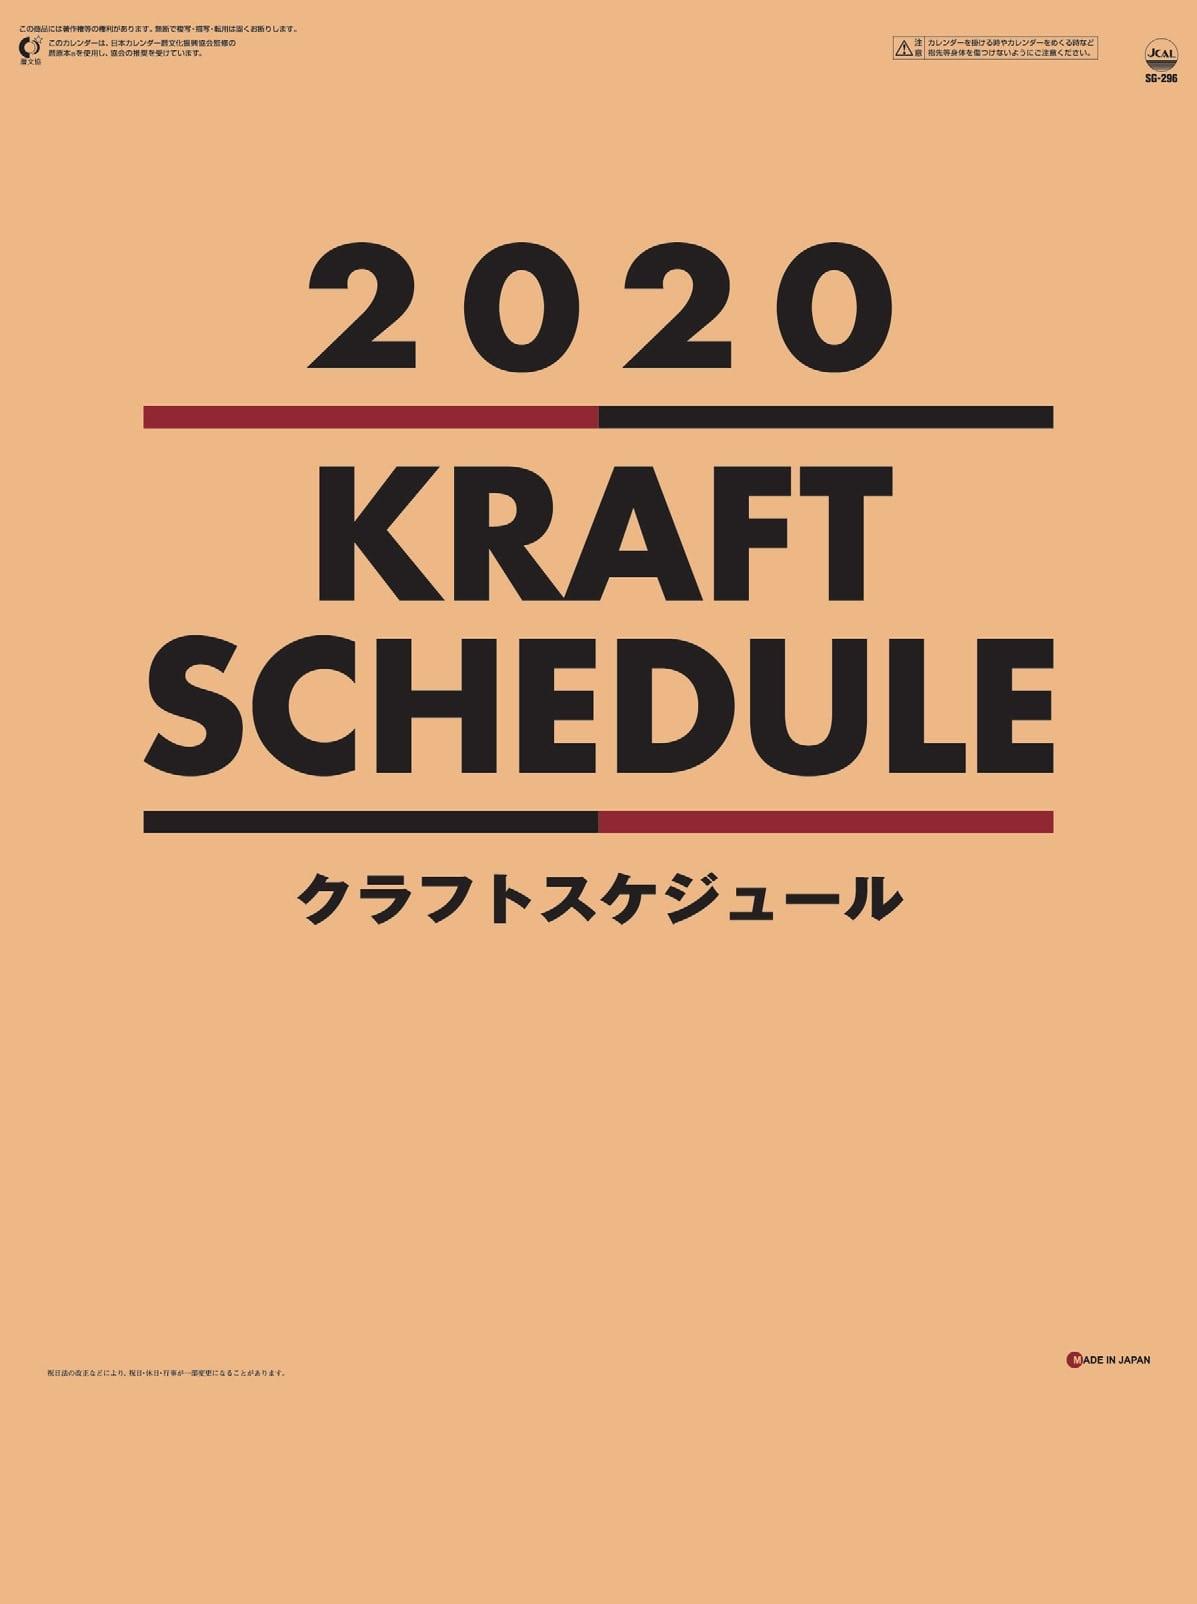 表紙 クラフトスケジュール 2020年カレンダーの画像